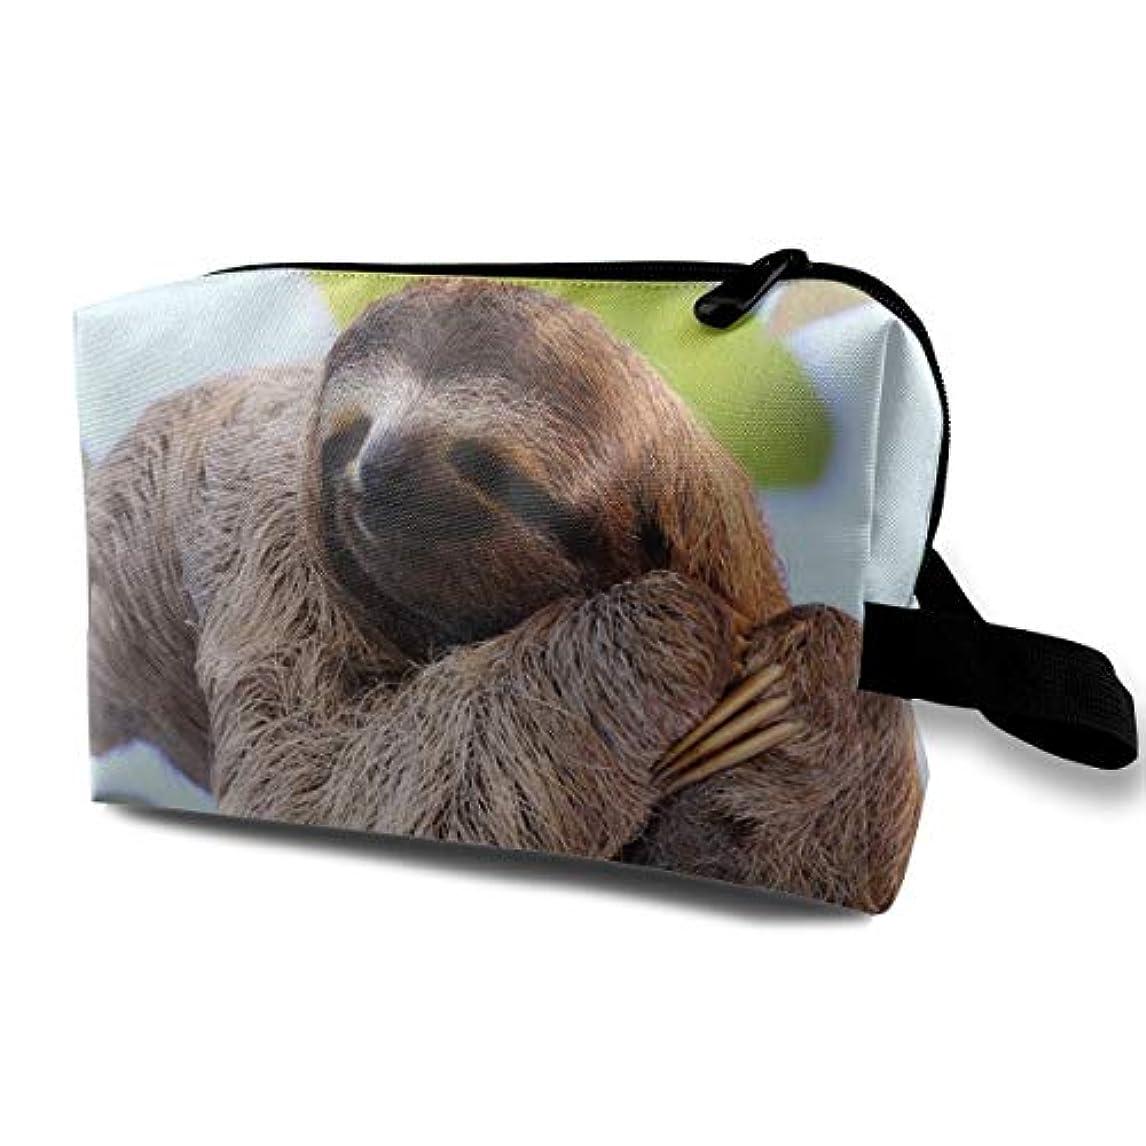 数実用的商品Funny Sloth 収納ポーチ 化粧ポーチ 大容量 軽量 耐久性 ハンドル付持ち運び便利。入れ 自宅?出張?旅行?アウトドア撮影などに対応。メンズ レディース トラベルグッズ